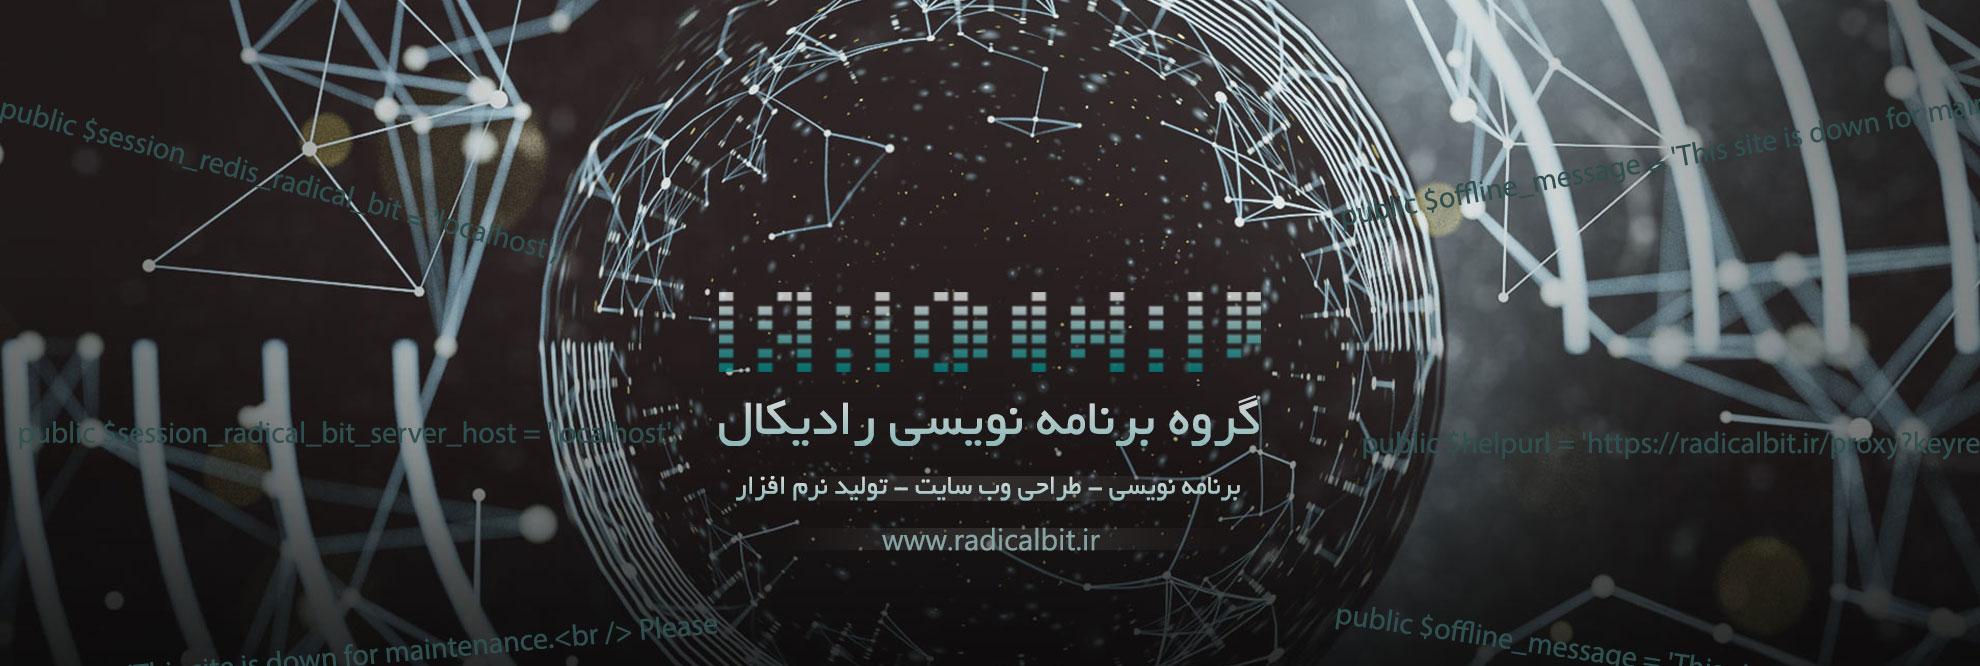 گروه برنامه نویسی رادیکال, طراحی سایت, طراحی نرم افزار